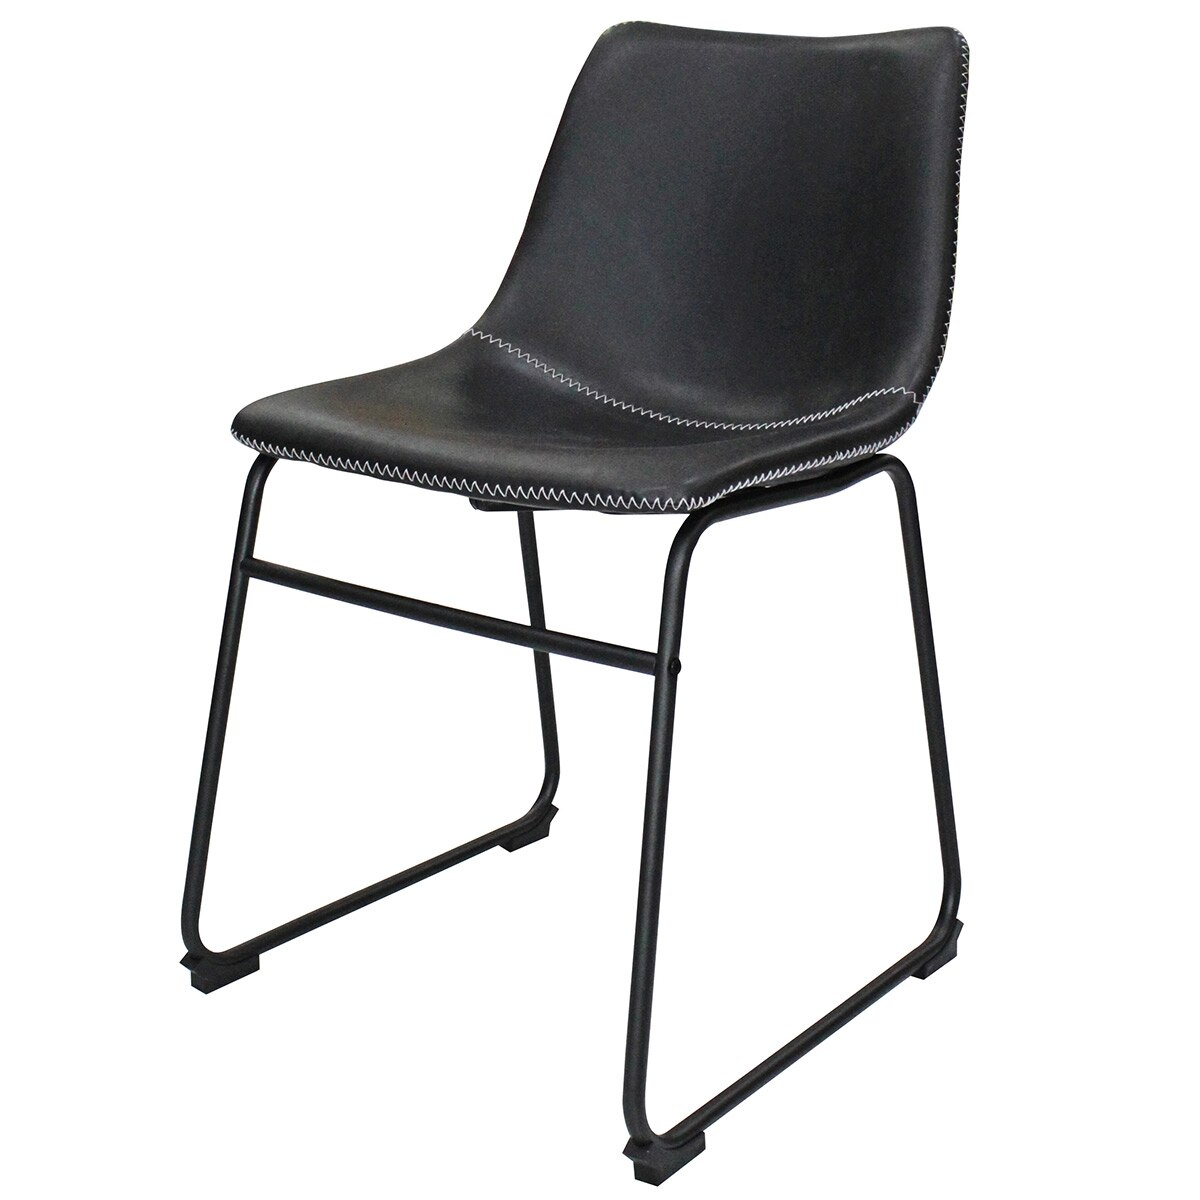 Cadeira com estrutura metálica preta, concha estofada de courino, costura e sapata